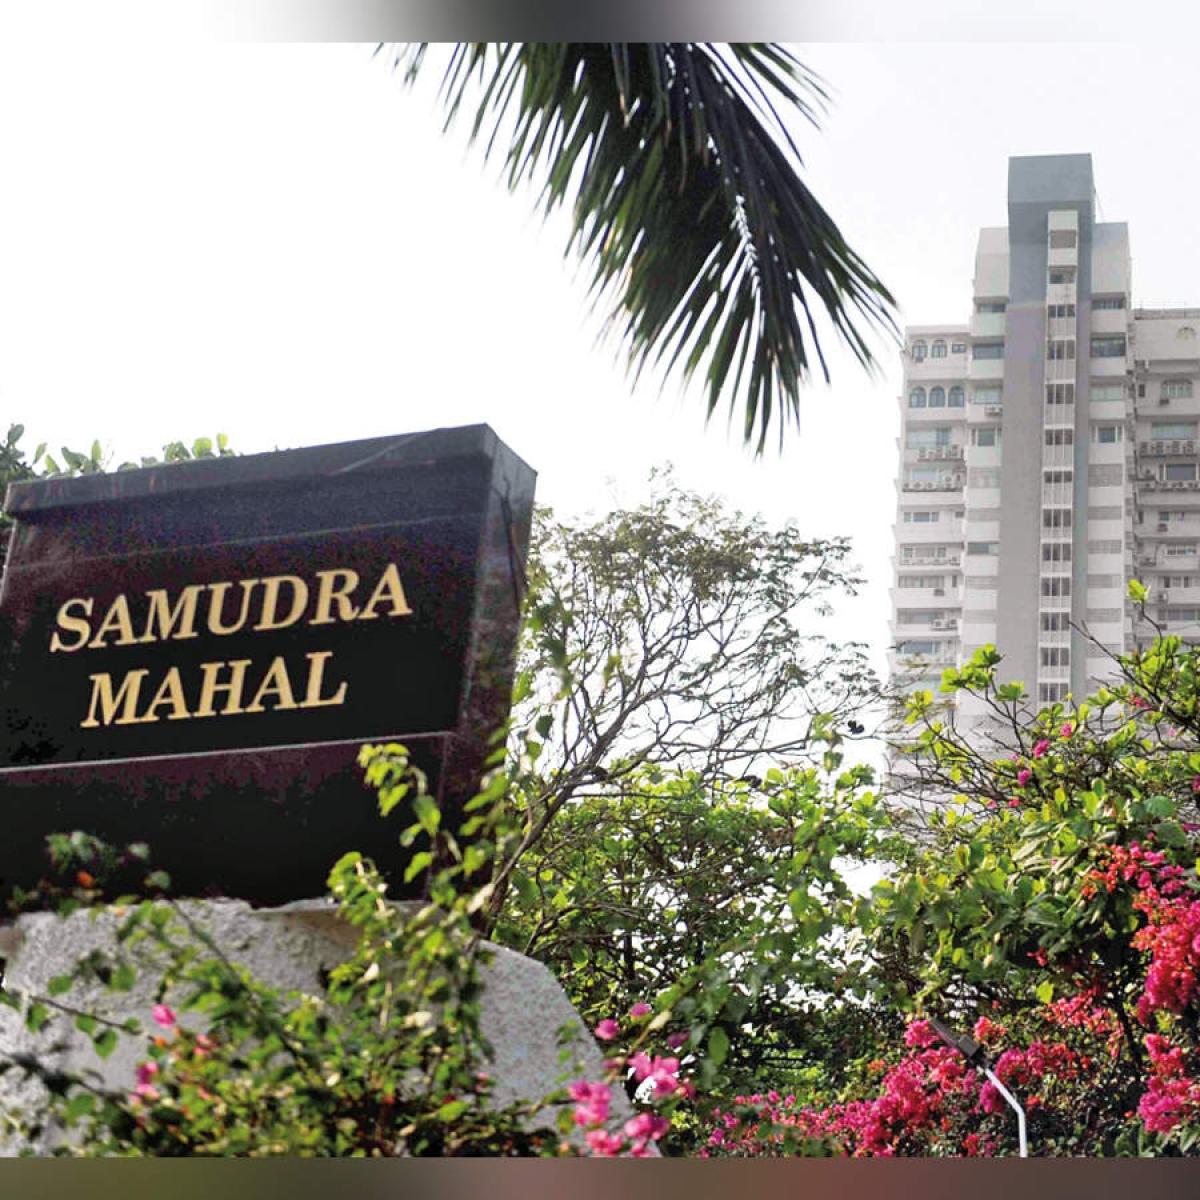 Mumbai: Flat in Samudra Mahal in Worli sold at Rs 96,776 per sq ft